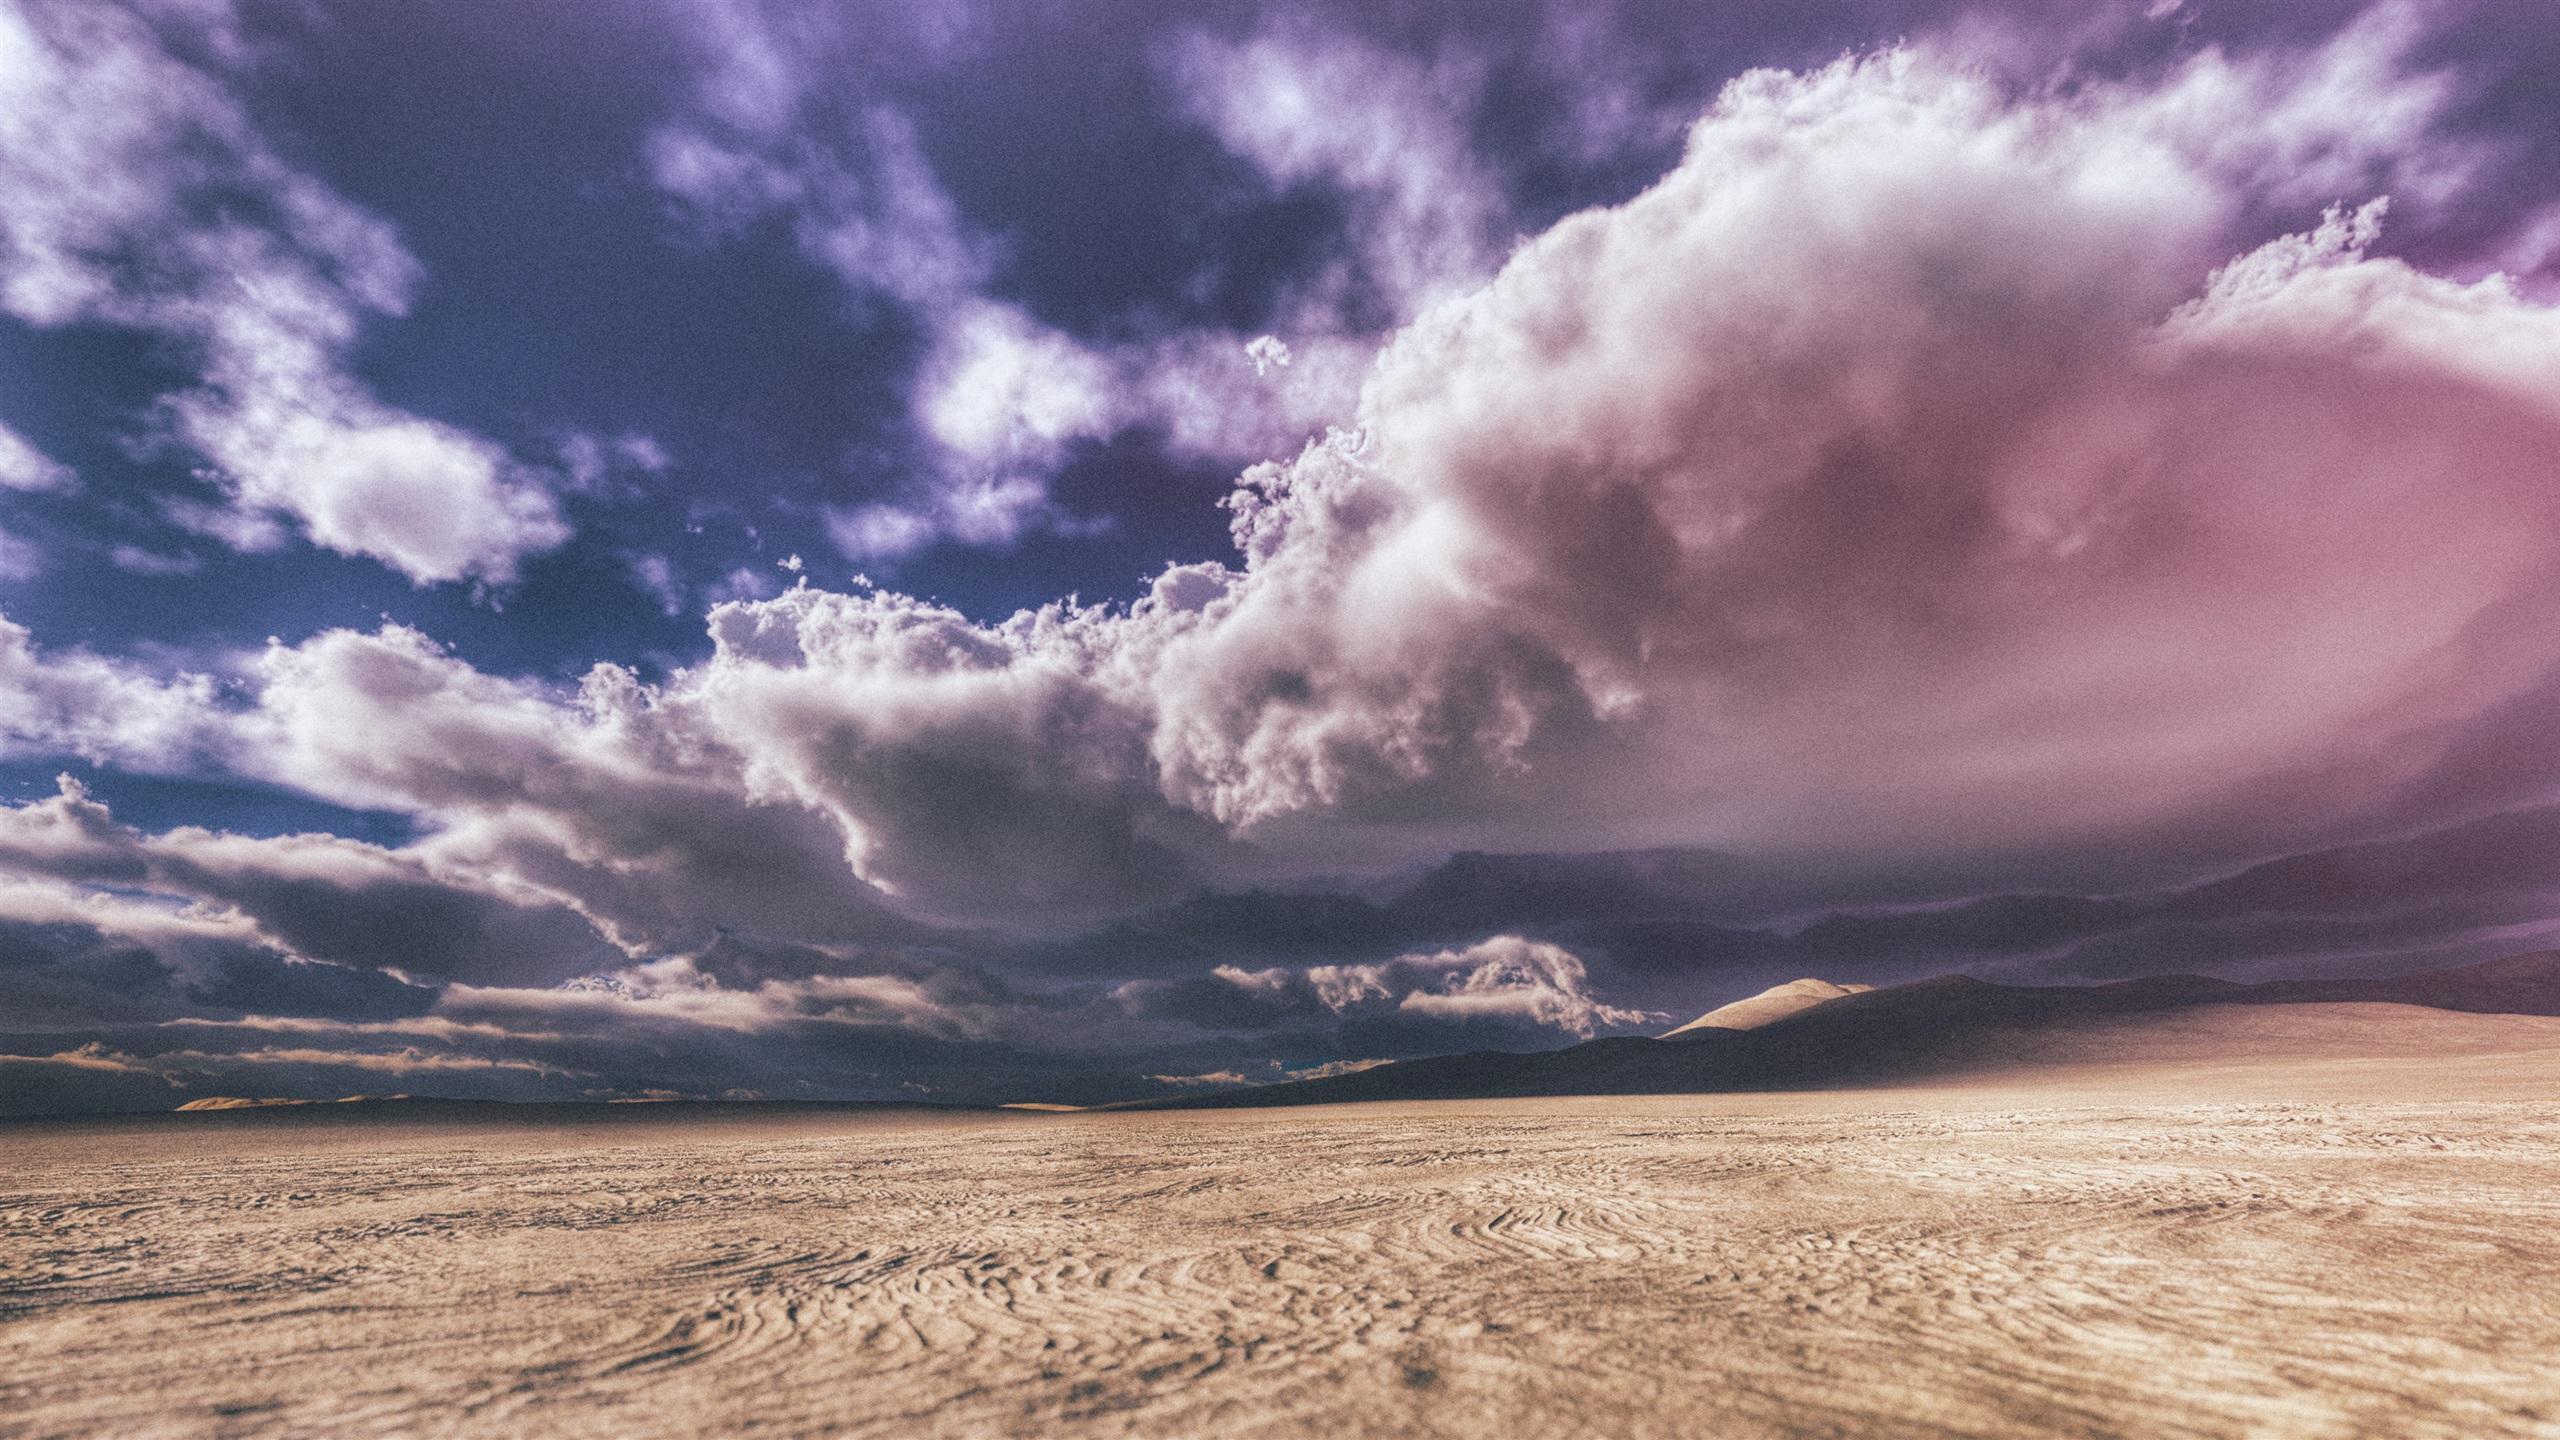 картинки небо над пустыней лишь